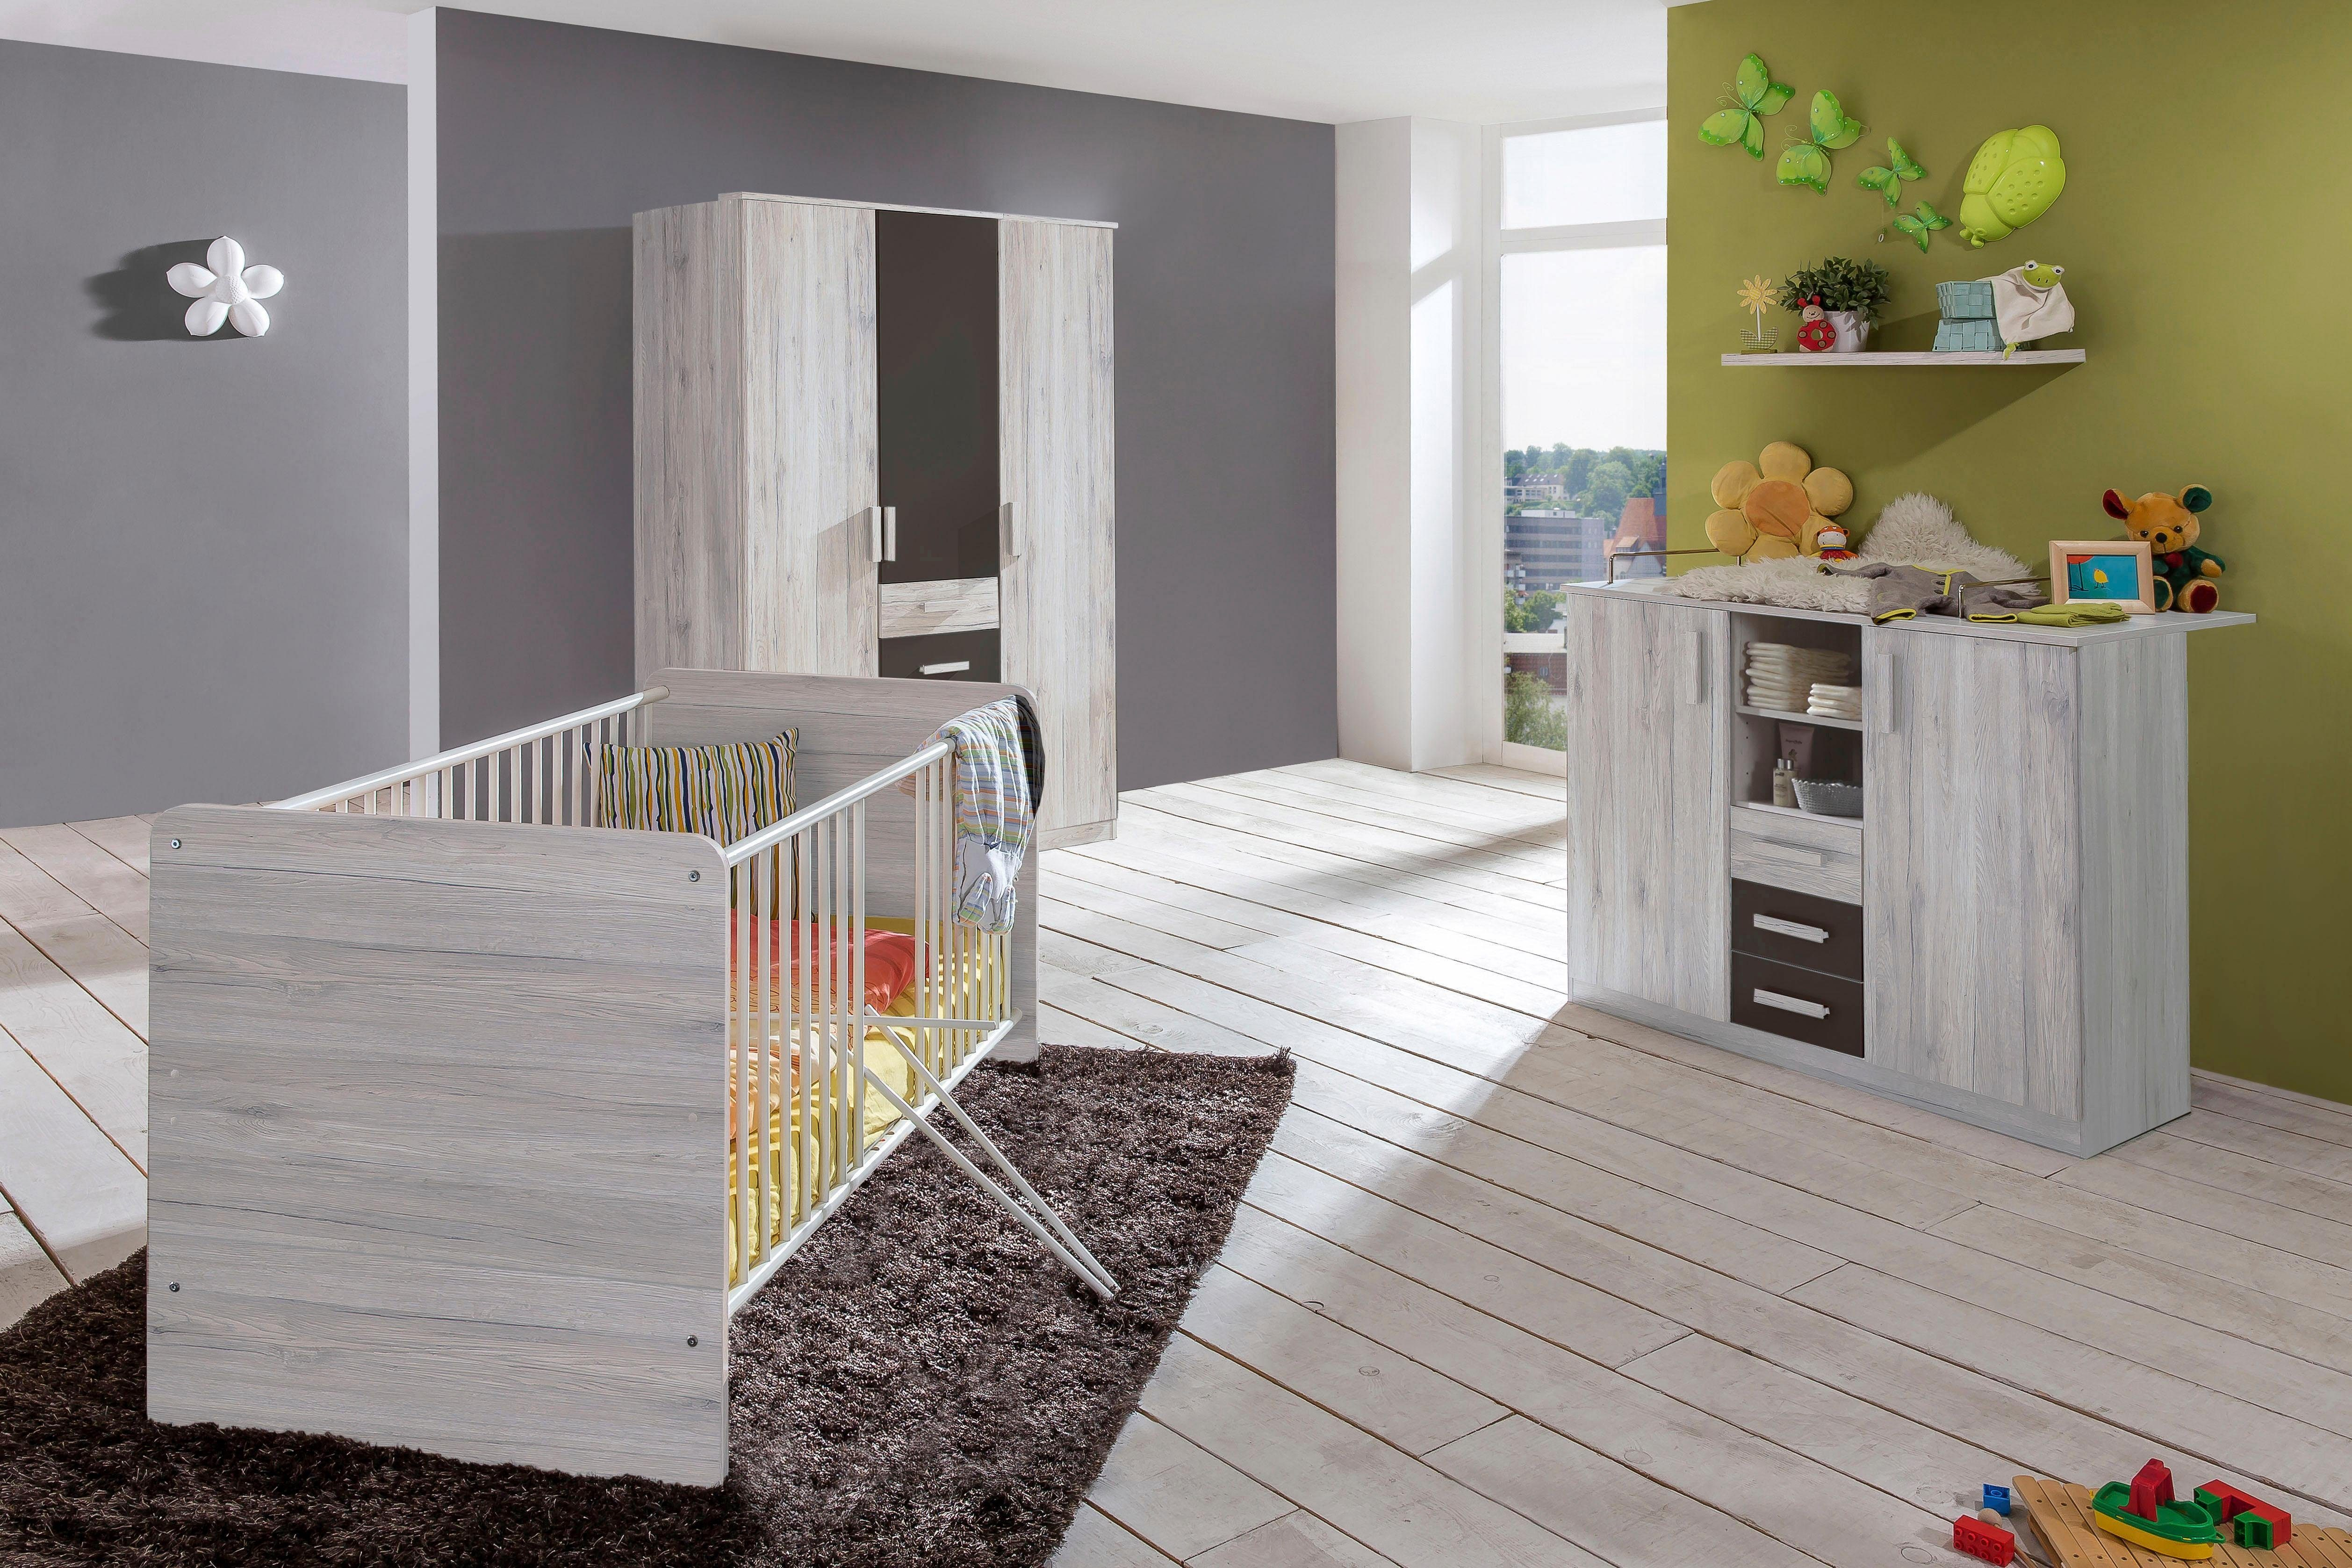 Komplett Babyzimmer »Bergamo« Babybett + Wickelkommode + großer Kleiderschrank, (3-tlg. Set) in weißeiche NB/ lava